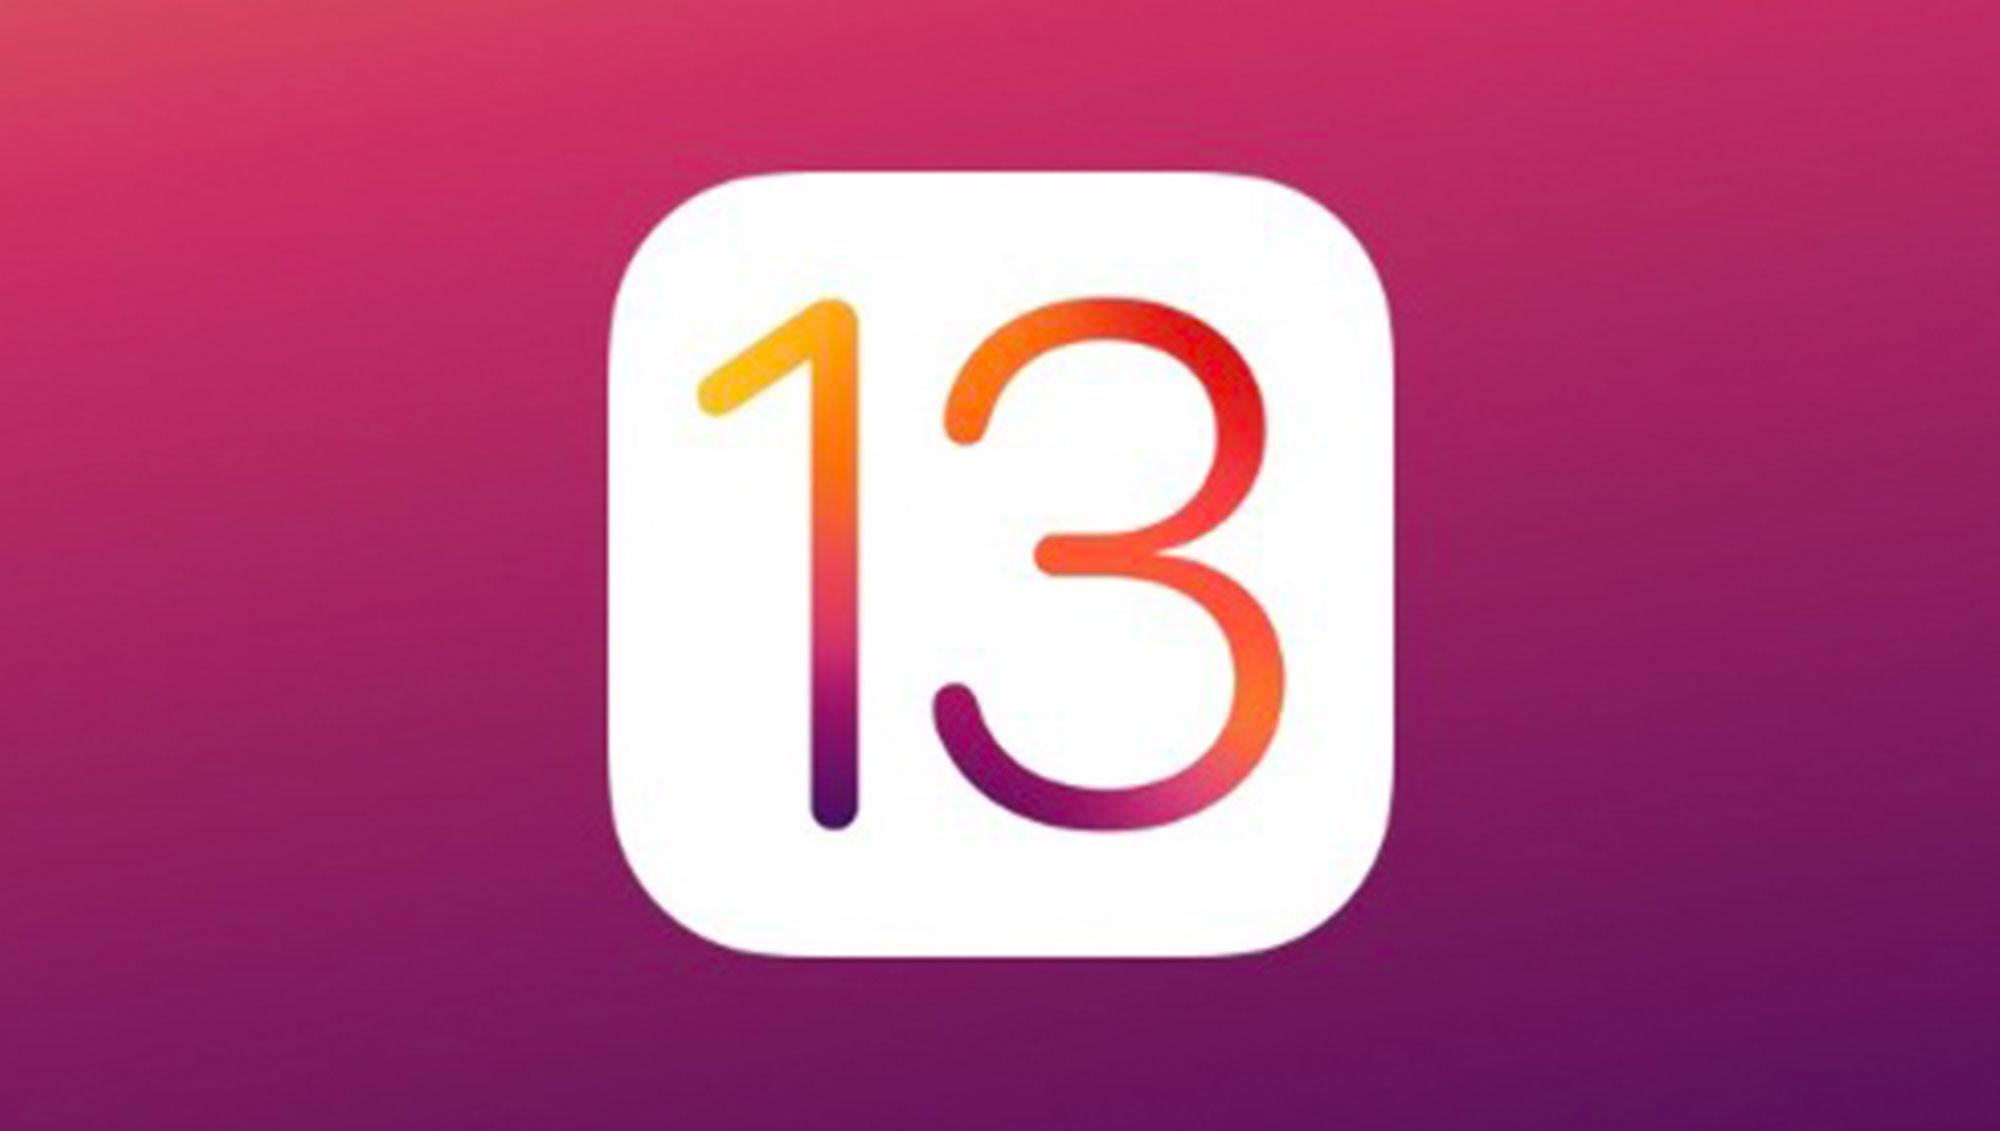 苹果发布 iOS 13/iPadOS 第 8 个测试版